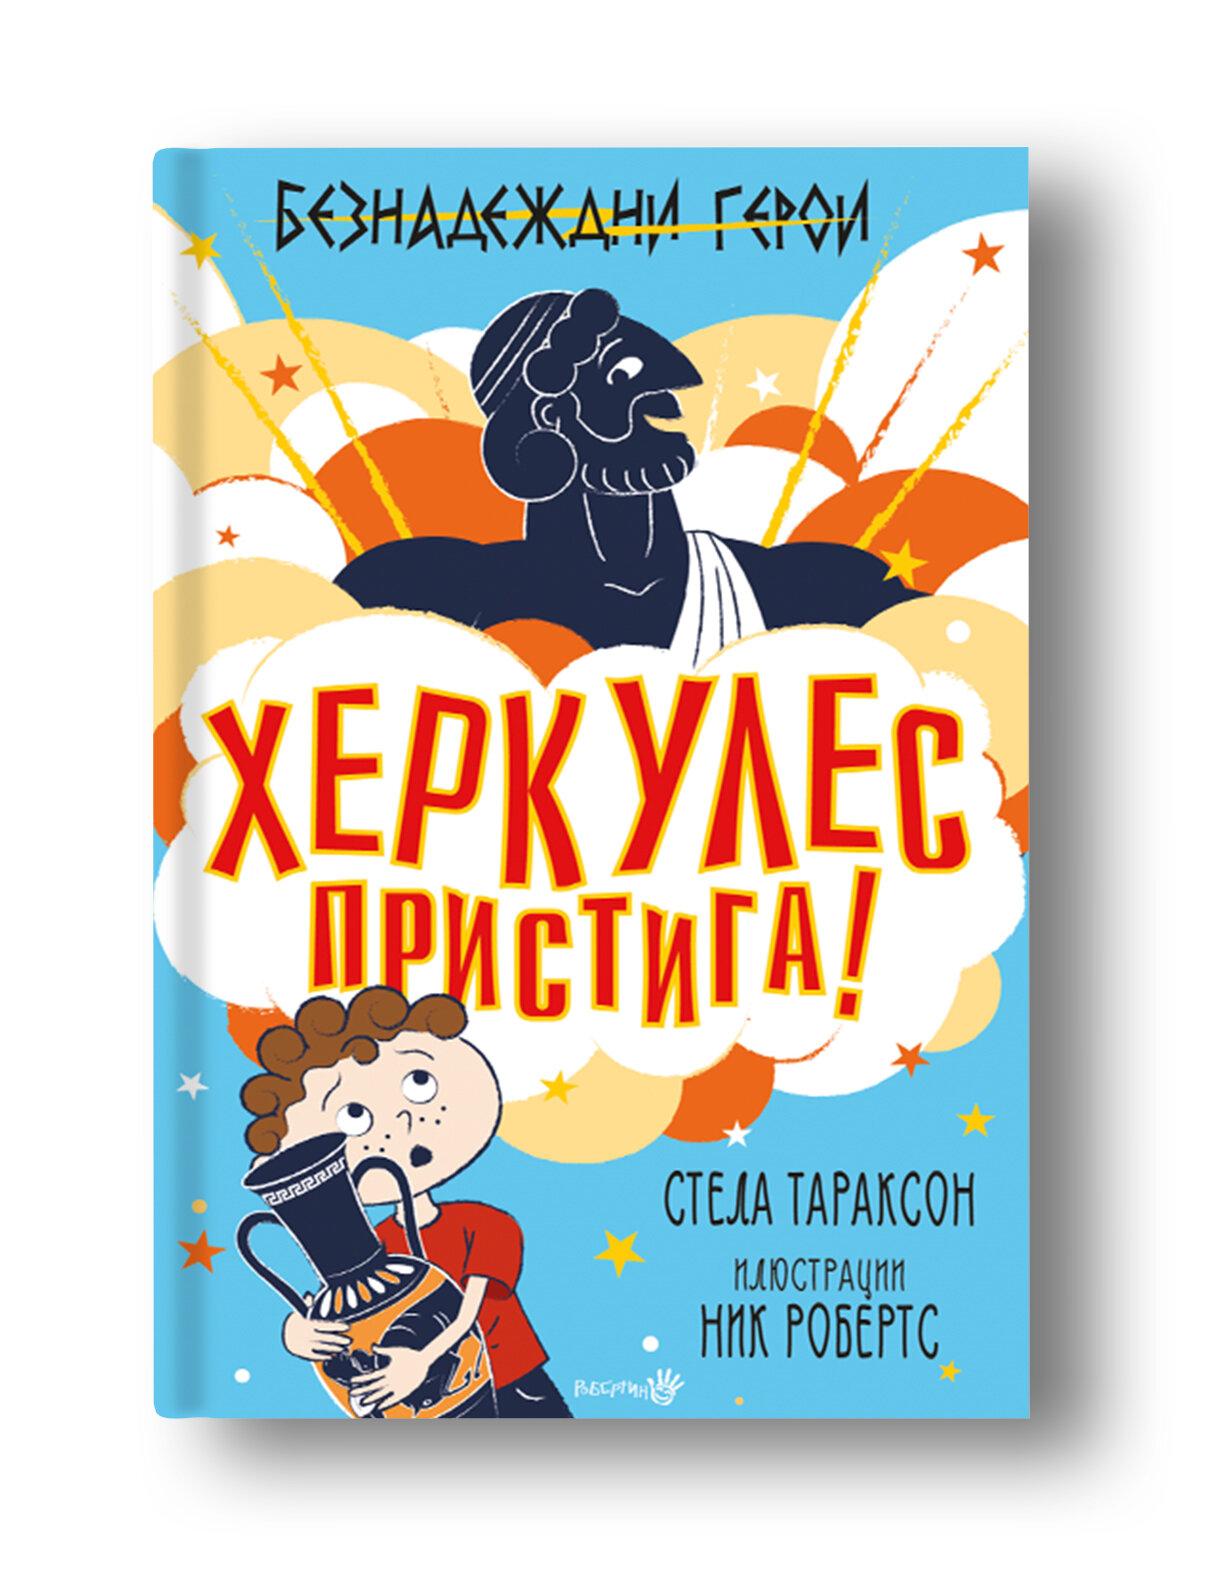 """Безнадеждни герои """"Херкулес пристига"""""""